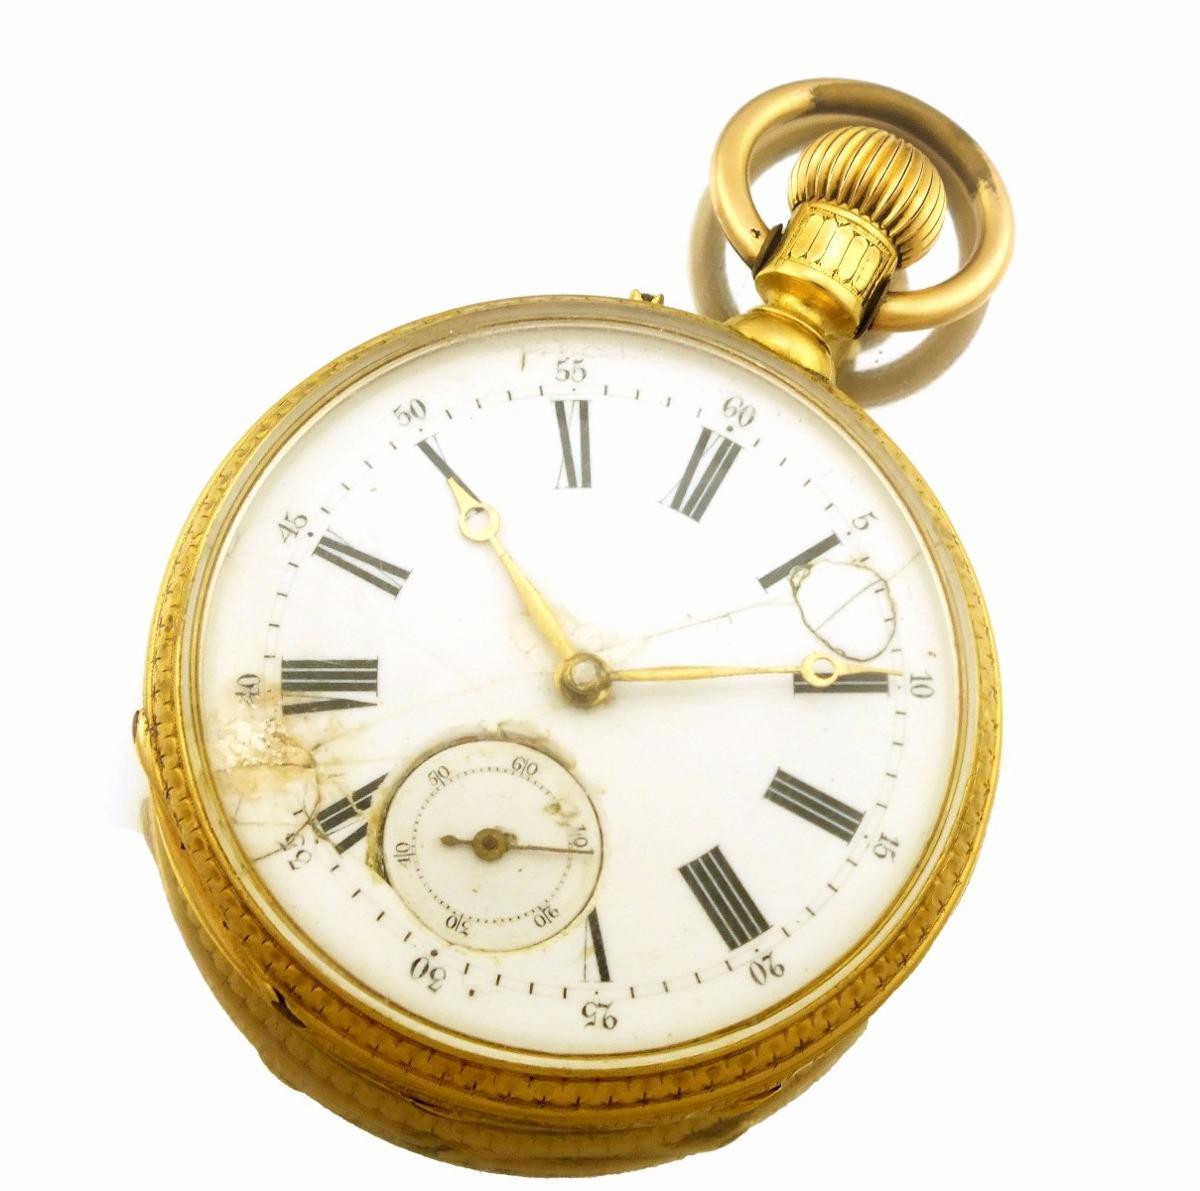 8e0f0ca576e Relógio Bolso Pateck   Cº Geneve (patek) Em Ouro 18k J12636 - R ...